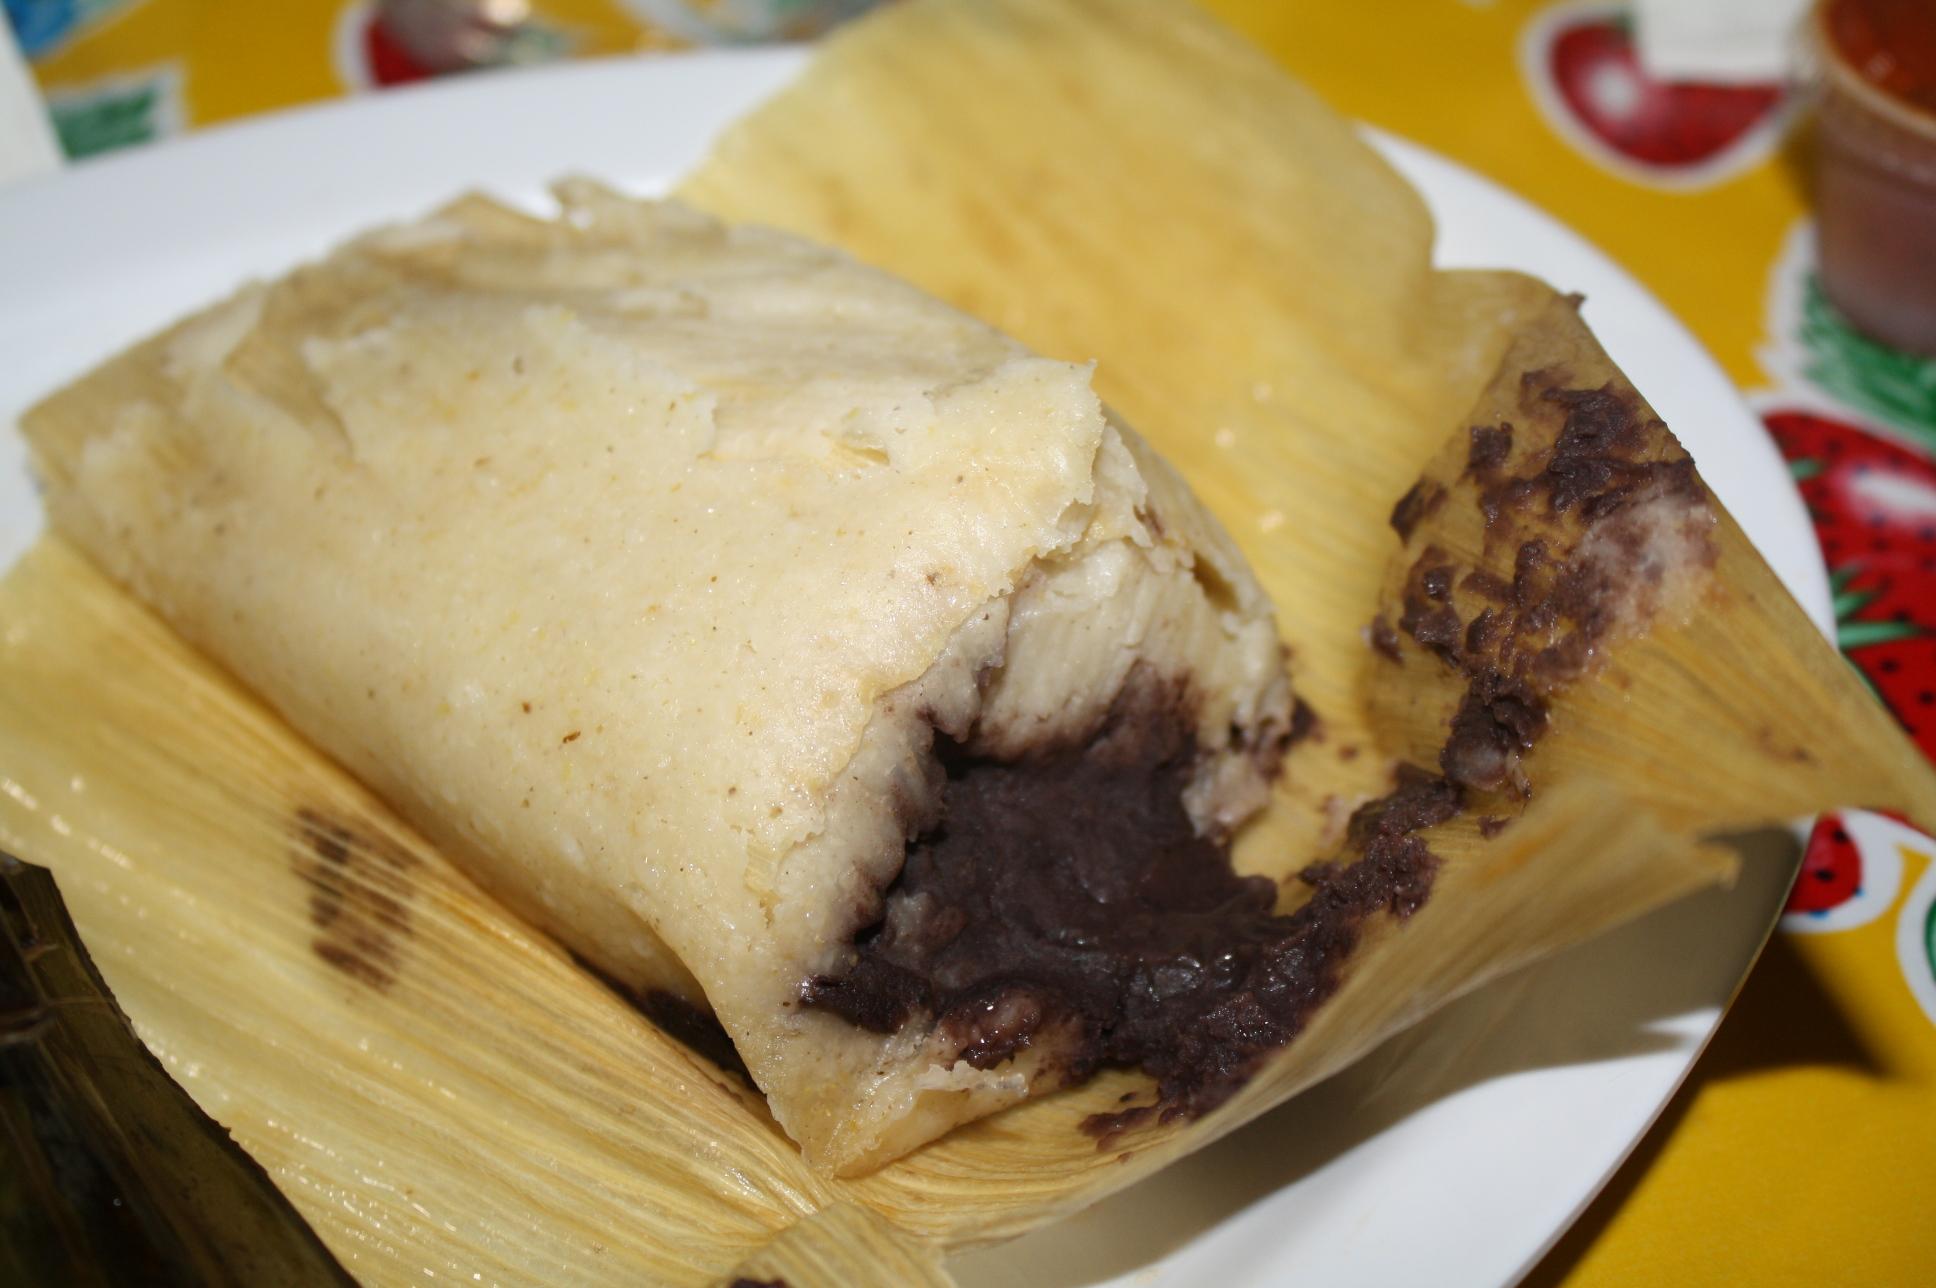 Tamal de frijol del restaurante Oaxacalifornia. (Foto de Agustín Durán/El Pasajero)